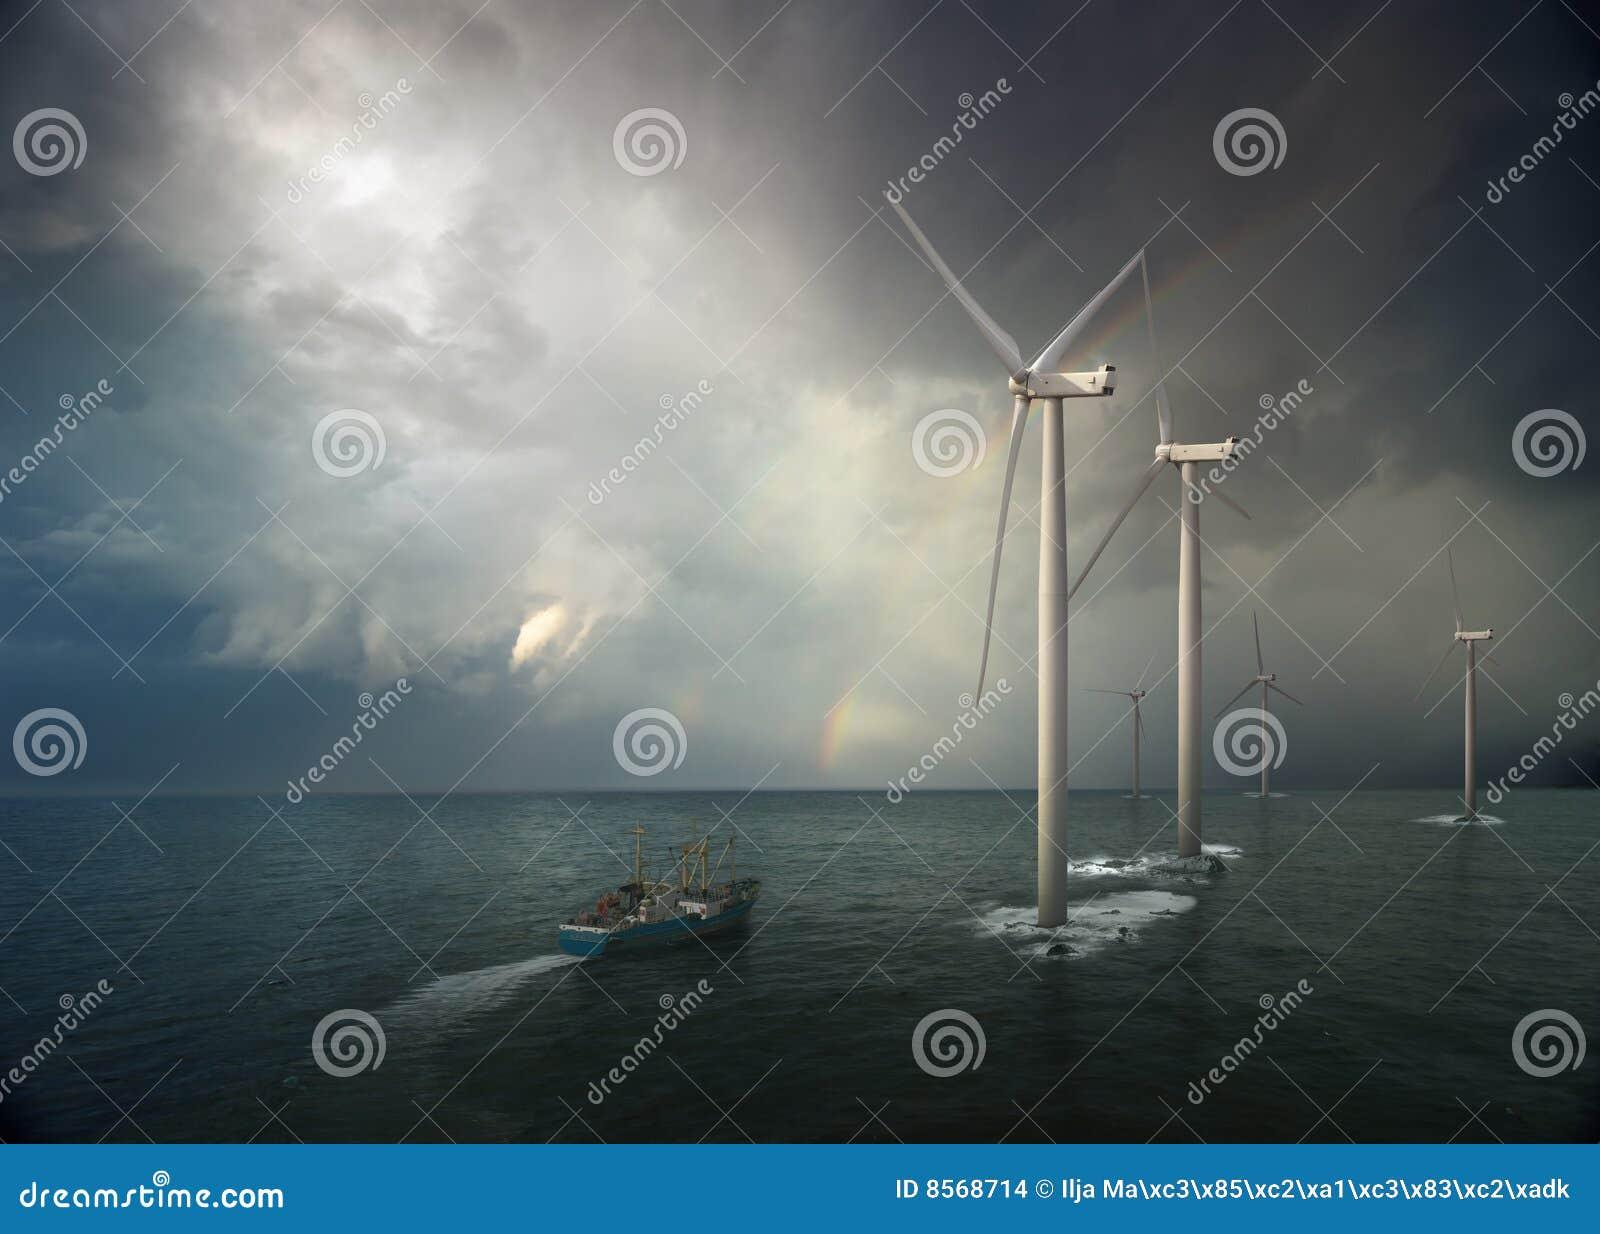 Windmill in ocean